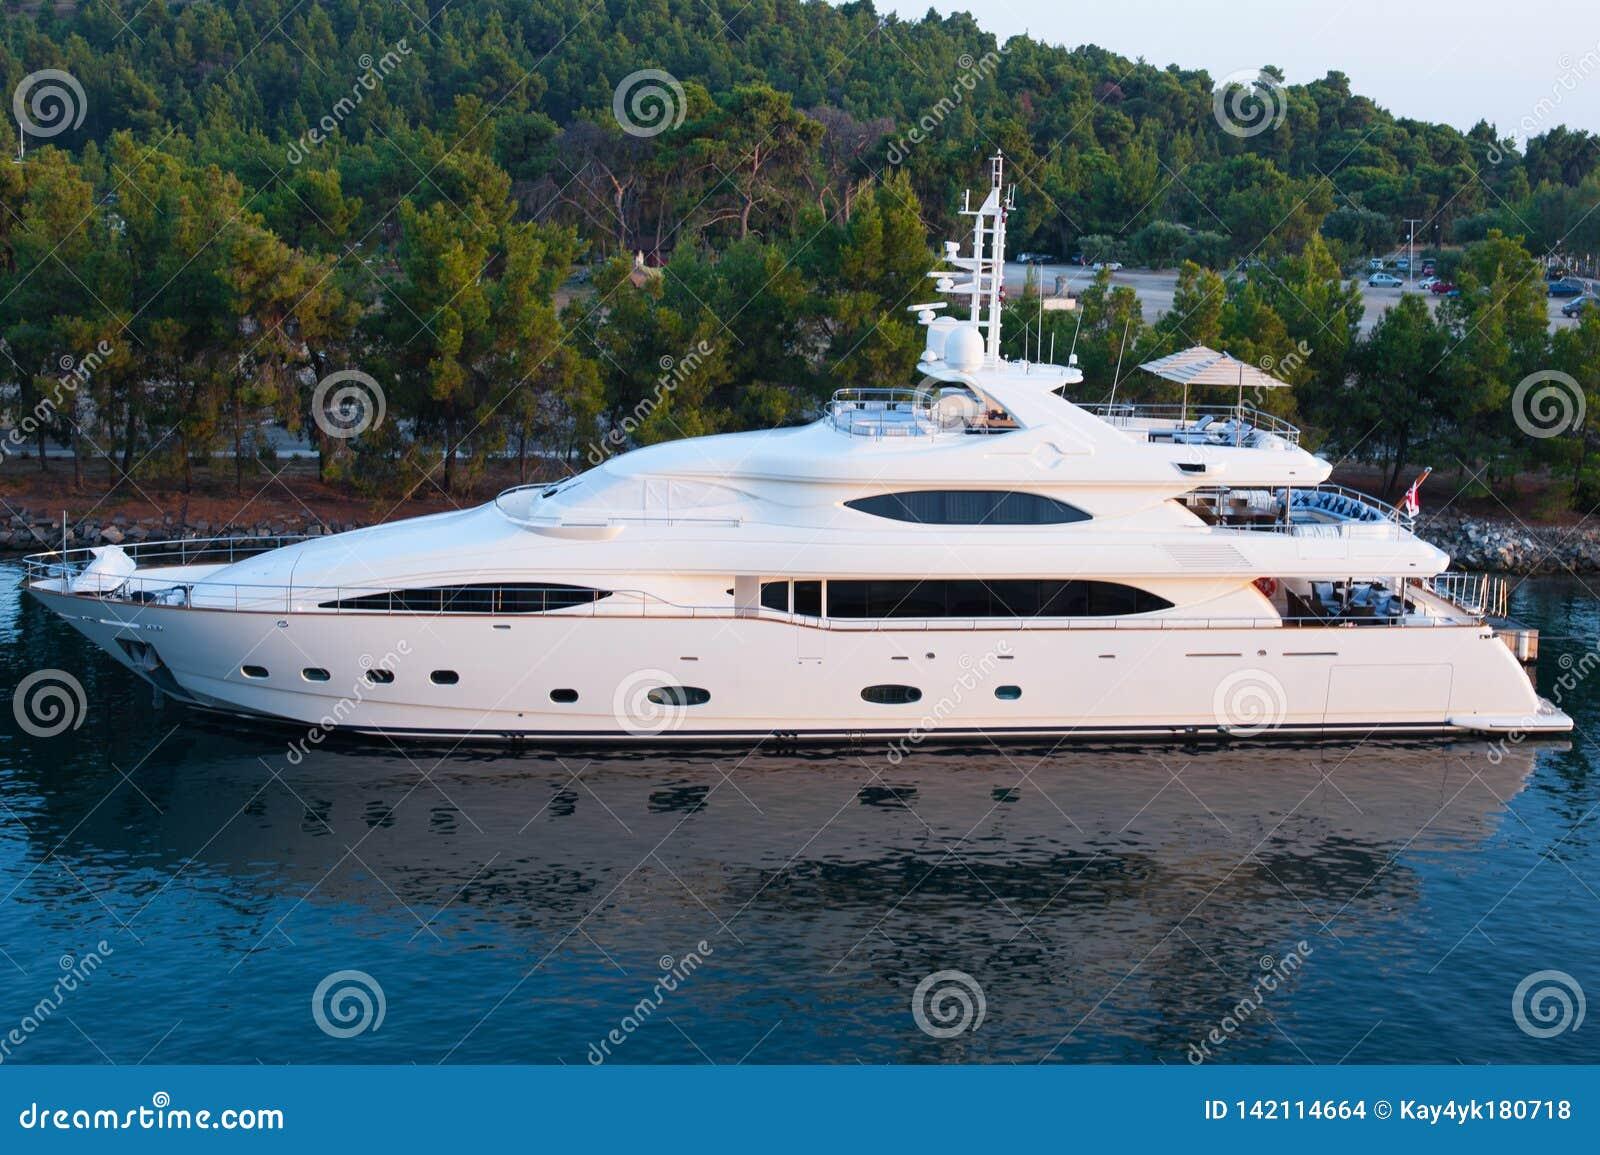 Biały jacht wolno żegluje w zatoce łódź sen